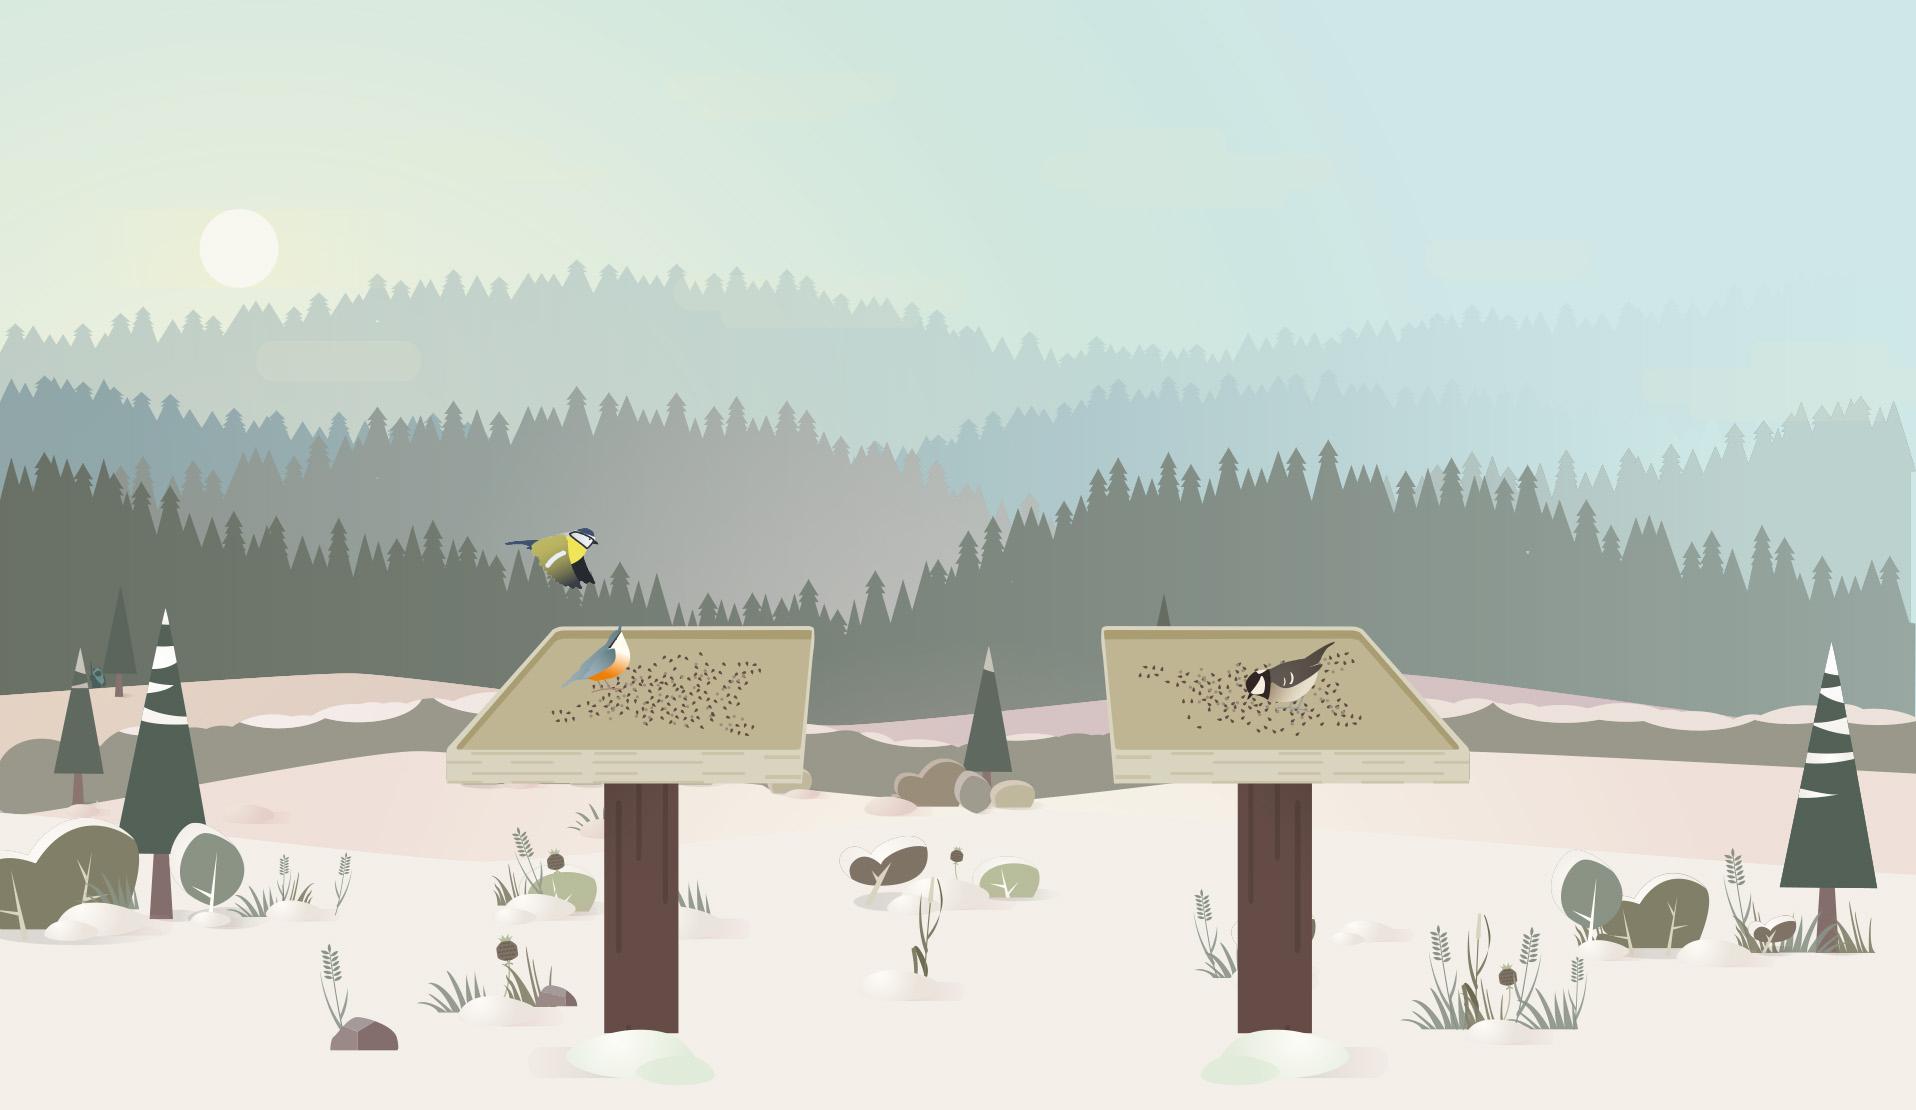 Birdlab, Un Jeu De Science Participative Autour Des Oiseaux encequiconcerne Jeux De Oiseau Gratuit